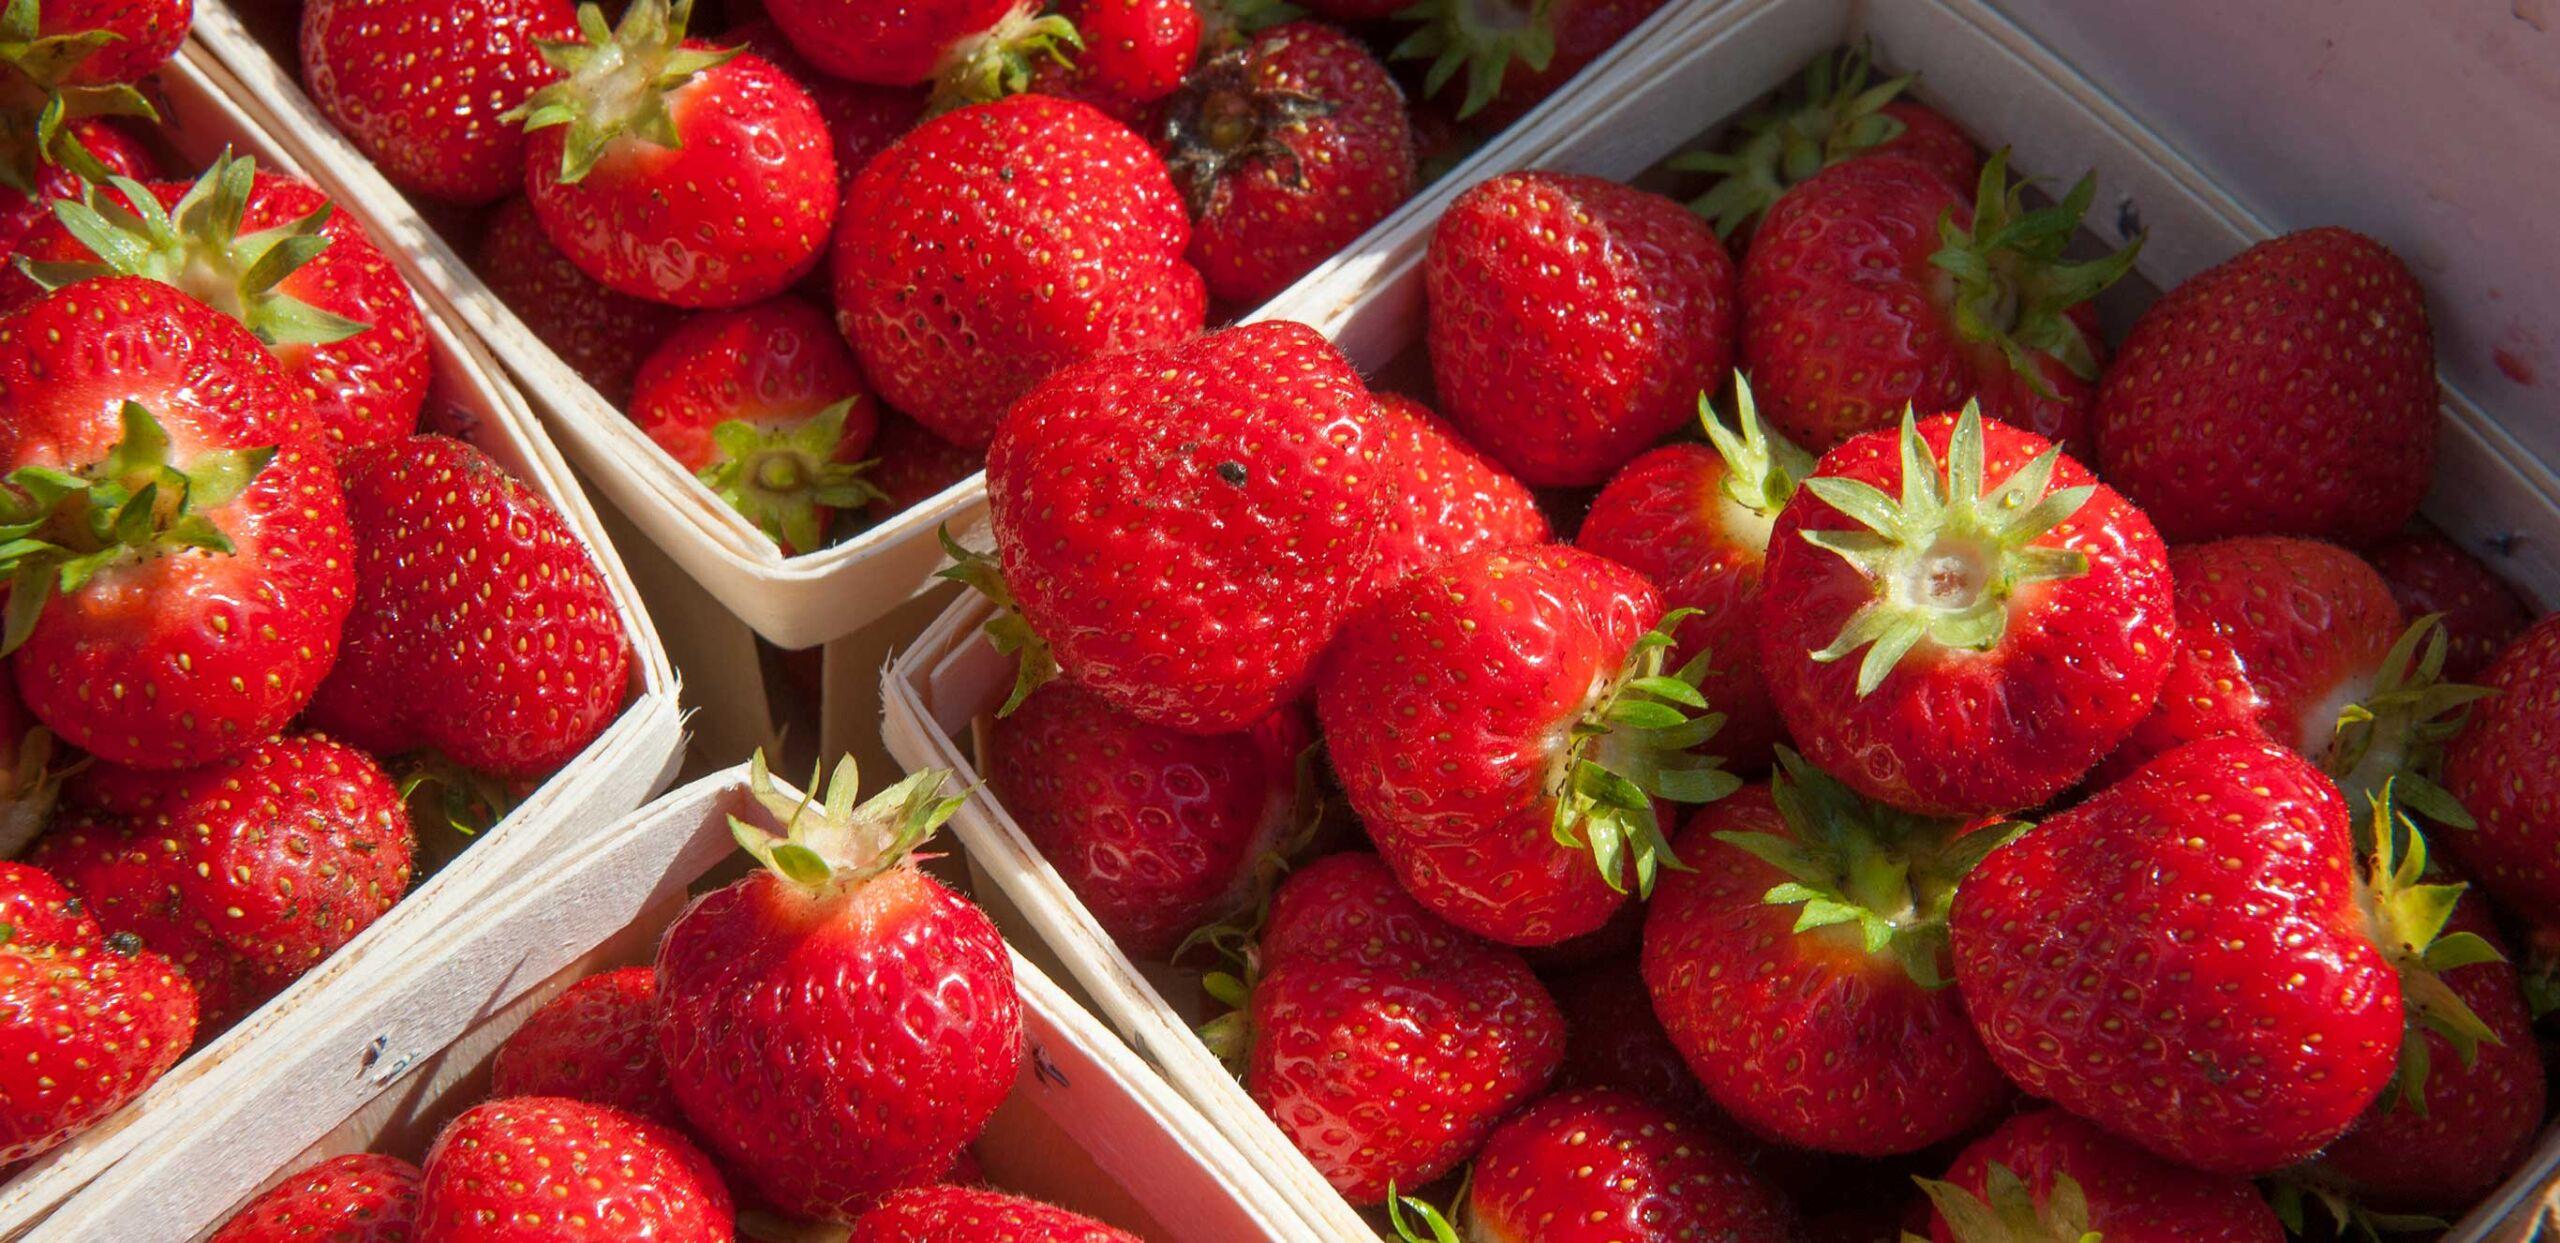 Strawberries in basket.